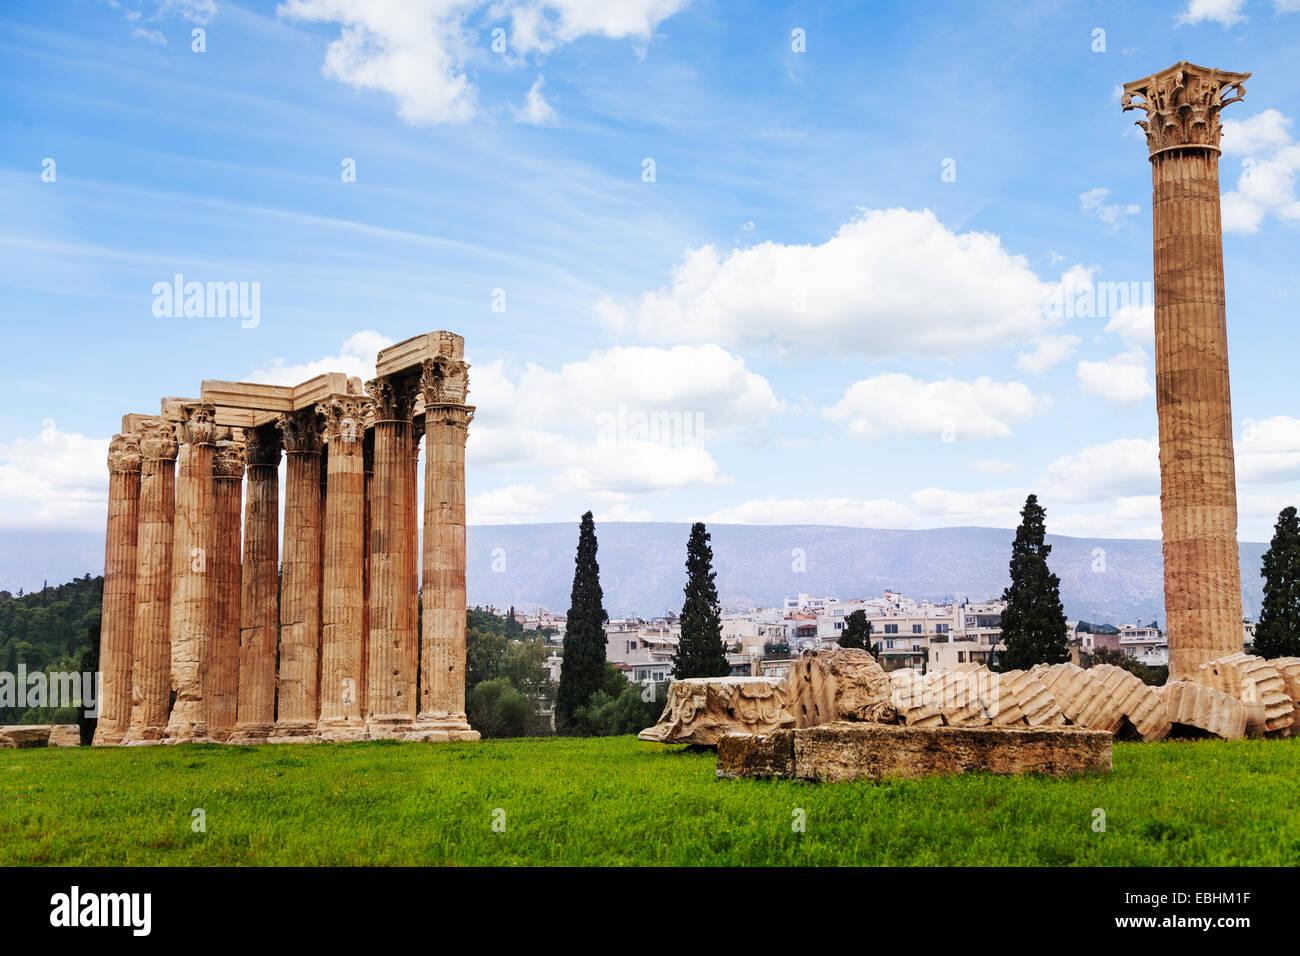 Bellissimo il tempio di Zeus ad Atene, Grecia Immagini Stock